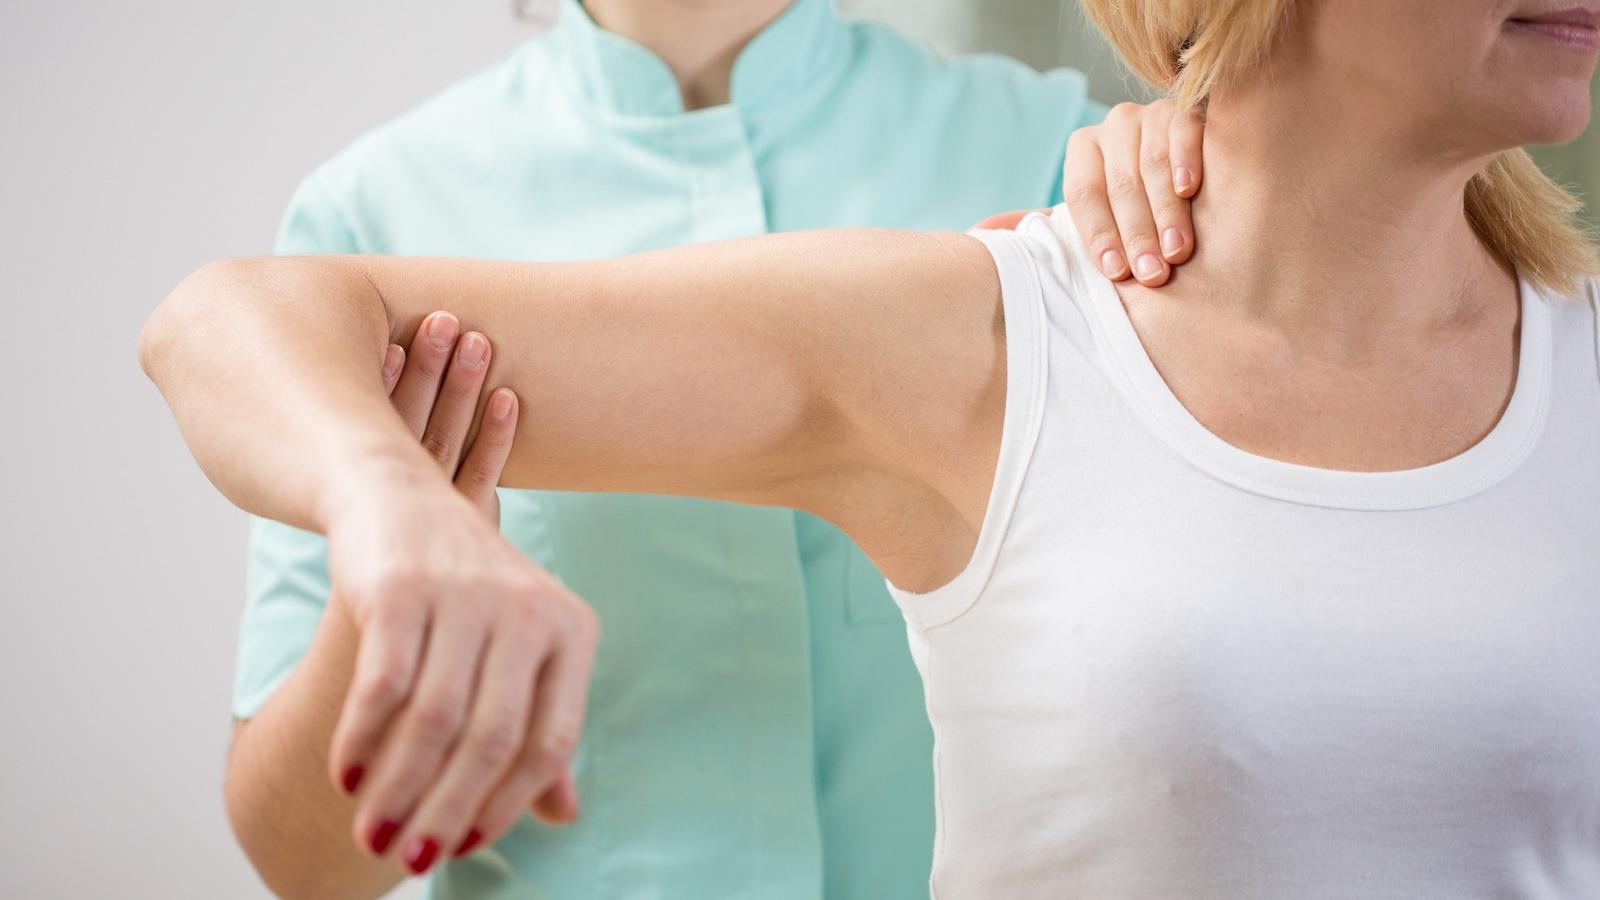 hogyan lehet eltávolítani a csípőízület fájdalmát